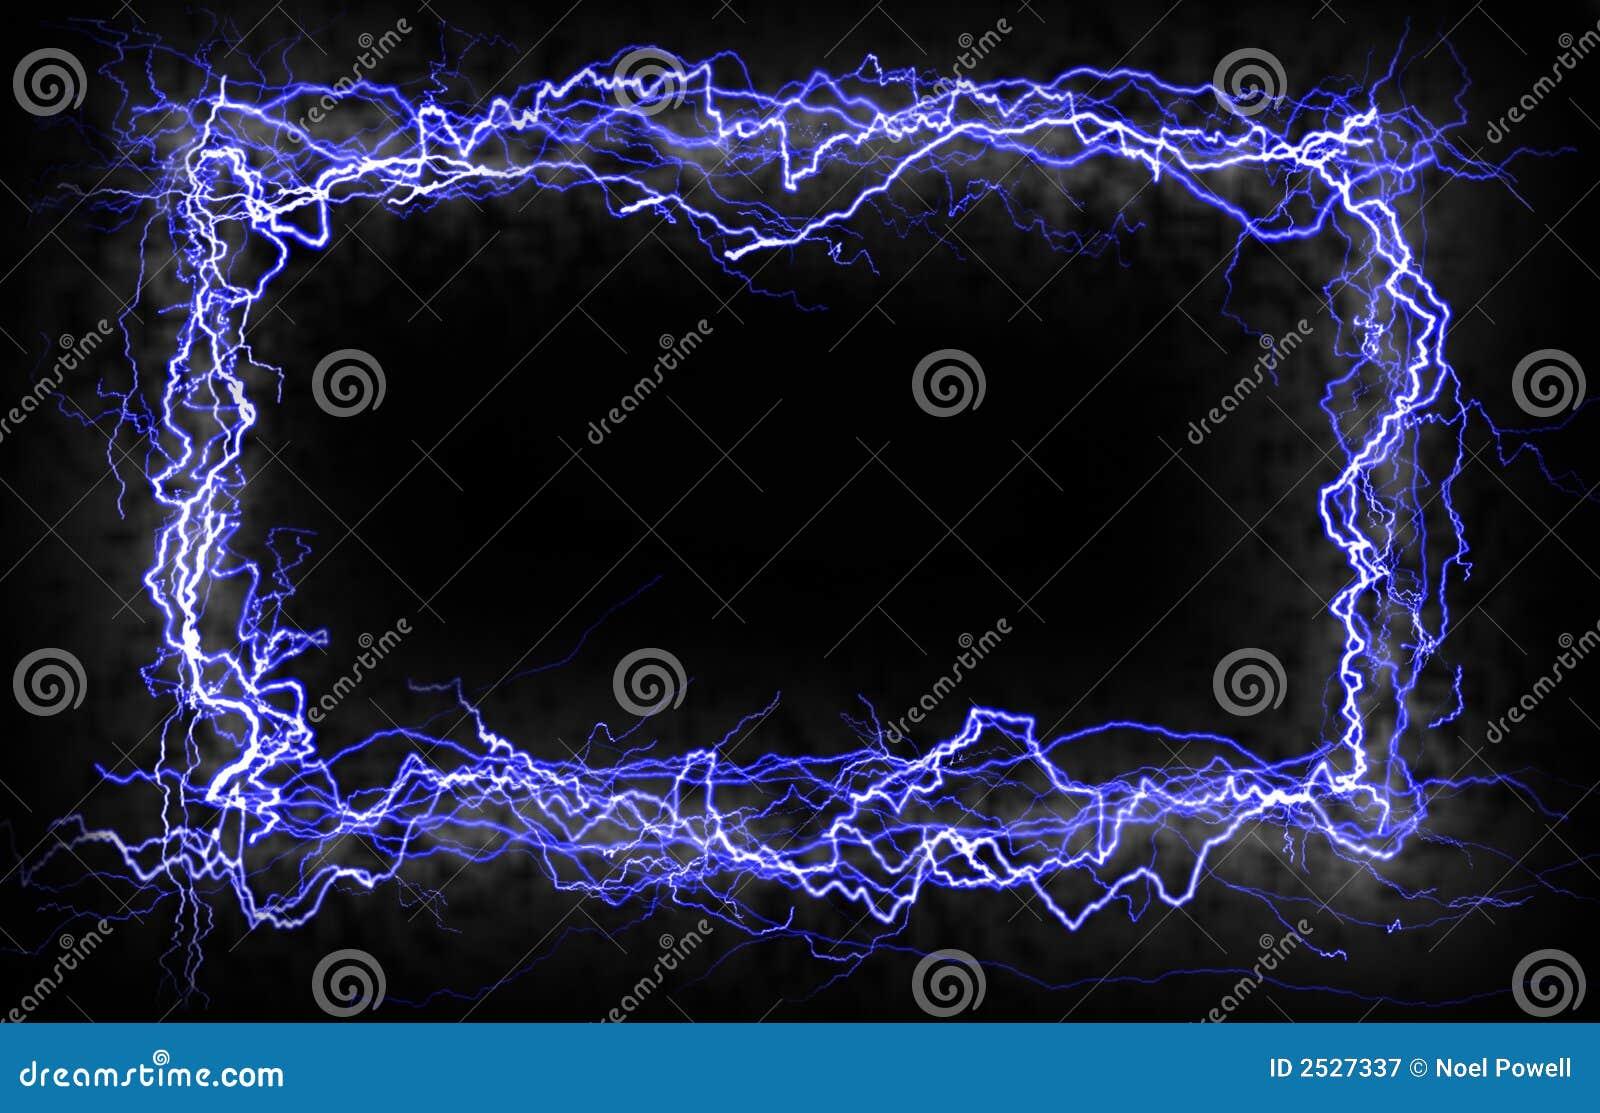 Lightning Border Royalty Free Stock Photography Image